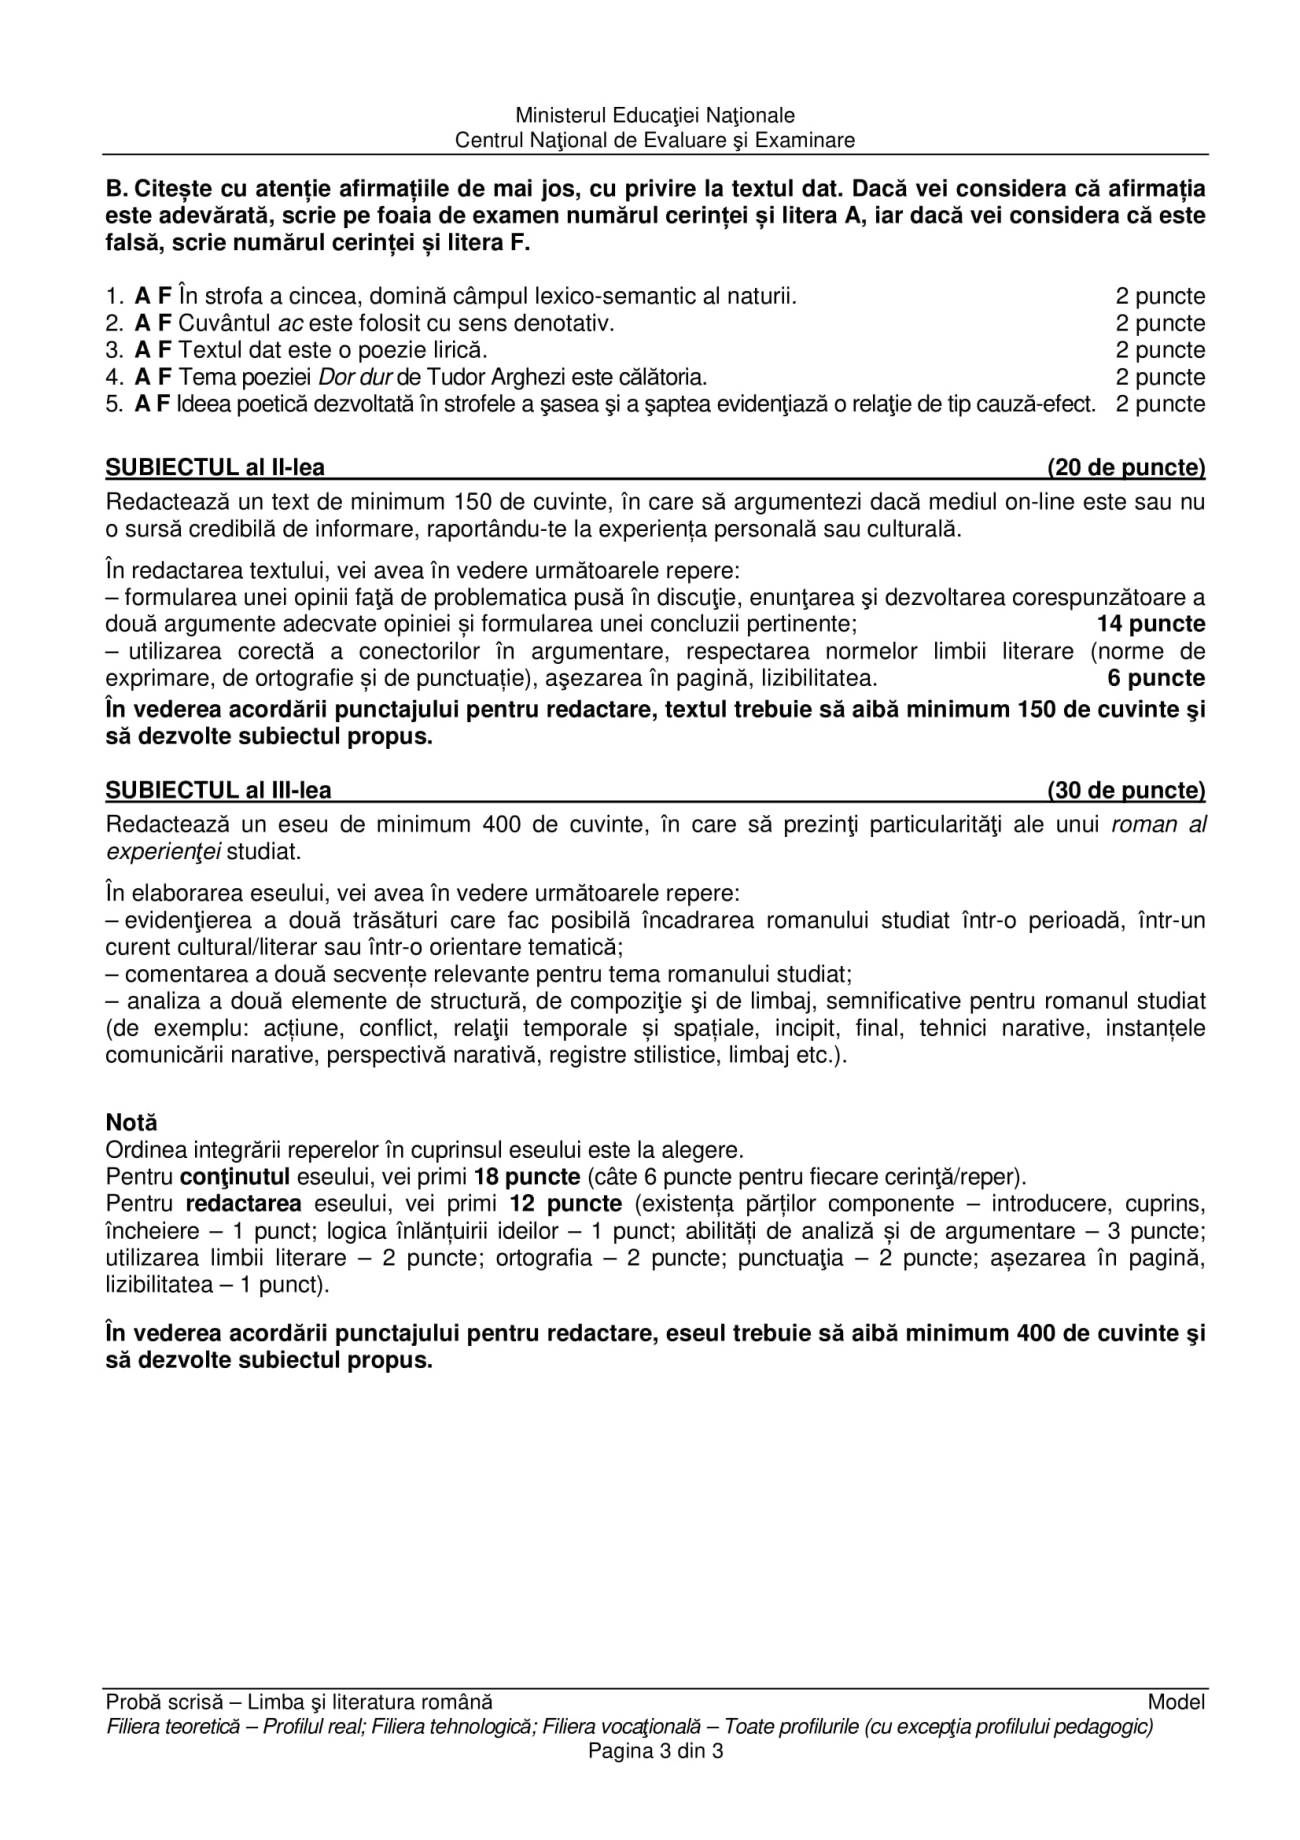 romana-real-tehn-2019-var-model-3